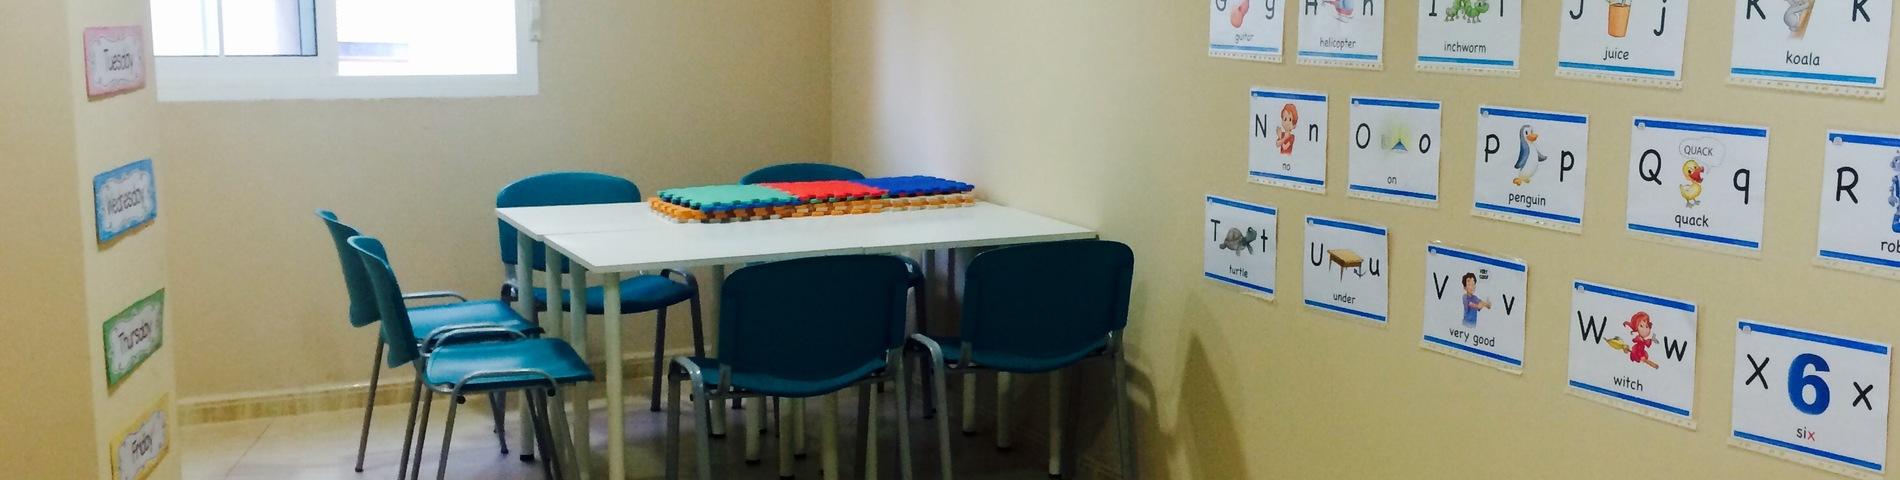 Orihuela Language Centre billede 1